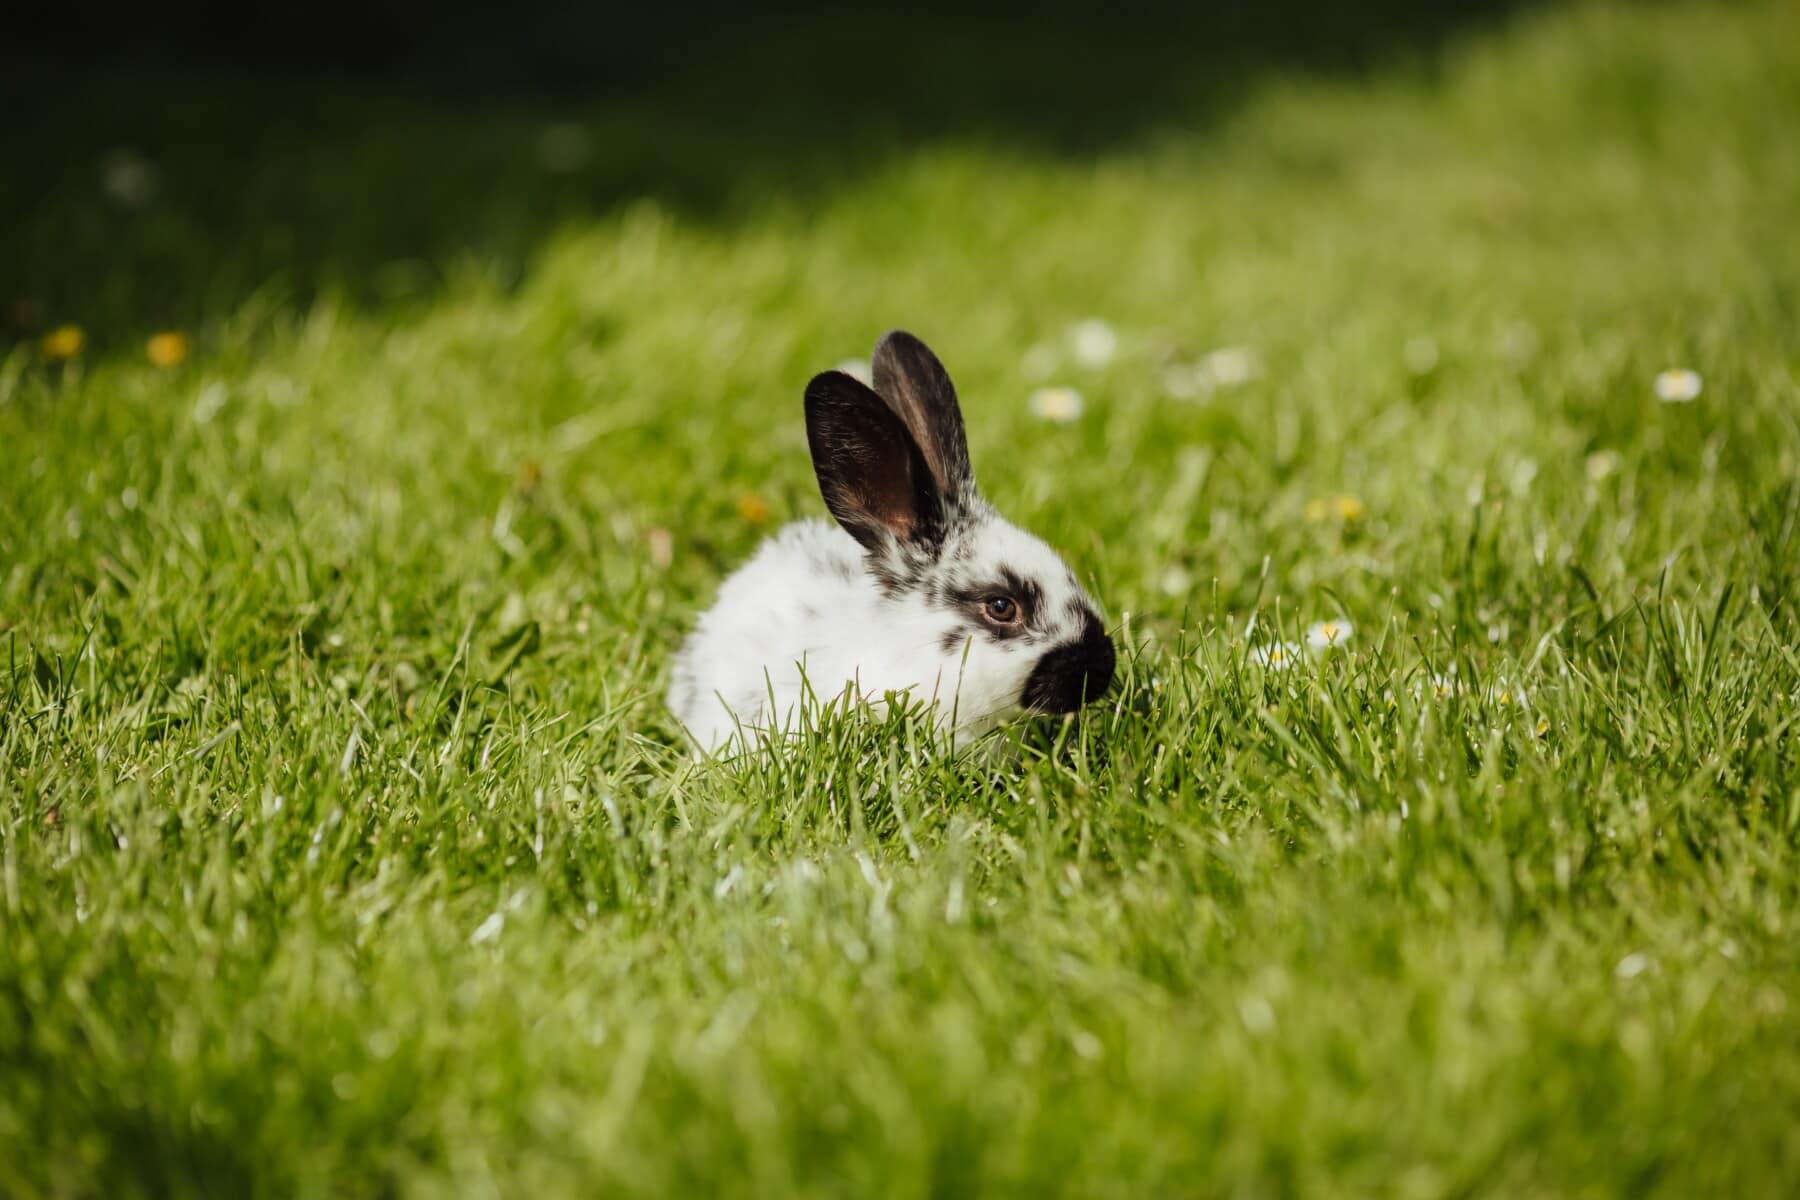 兔子, 国内, 兔子, 动物, 复活节, 草, 宠物, 毛皮, 可爱, 性质